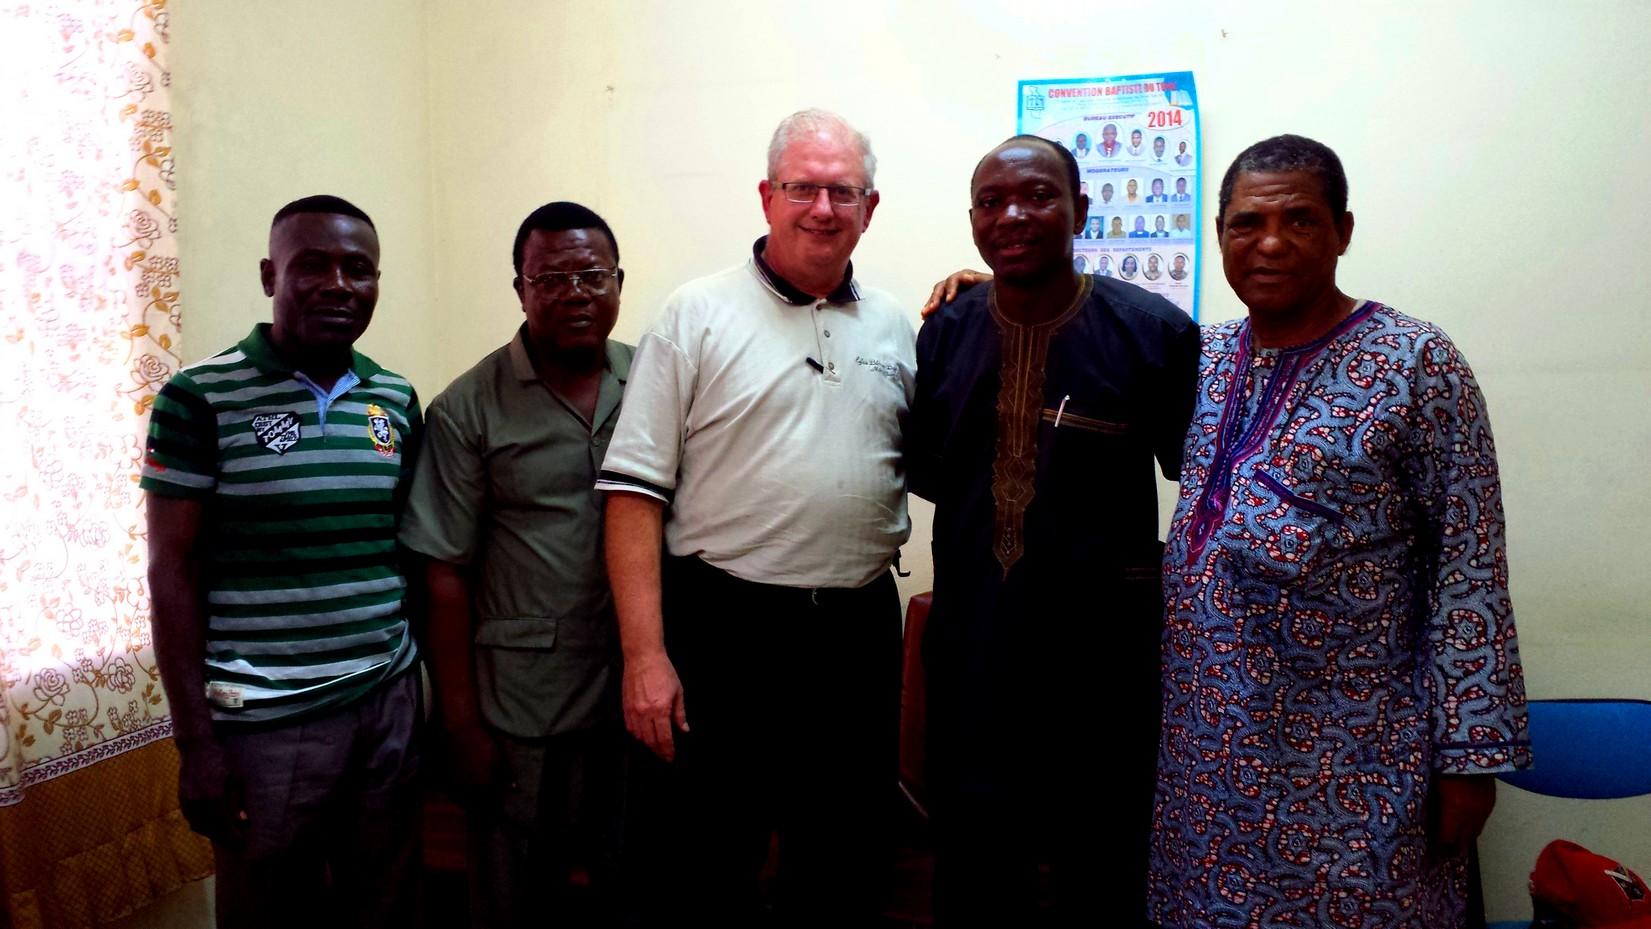 Pastor Mario Monette preaches in Togo, Africa (2014)